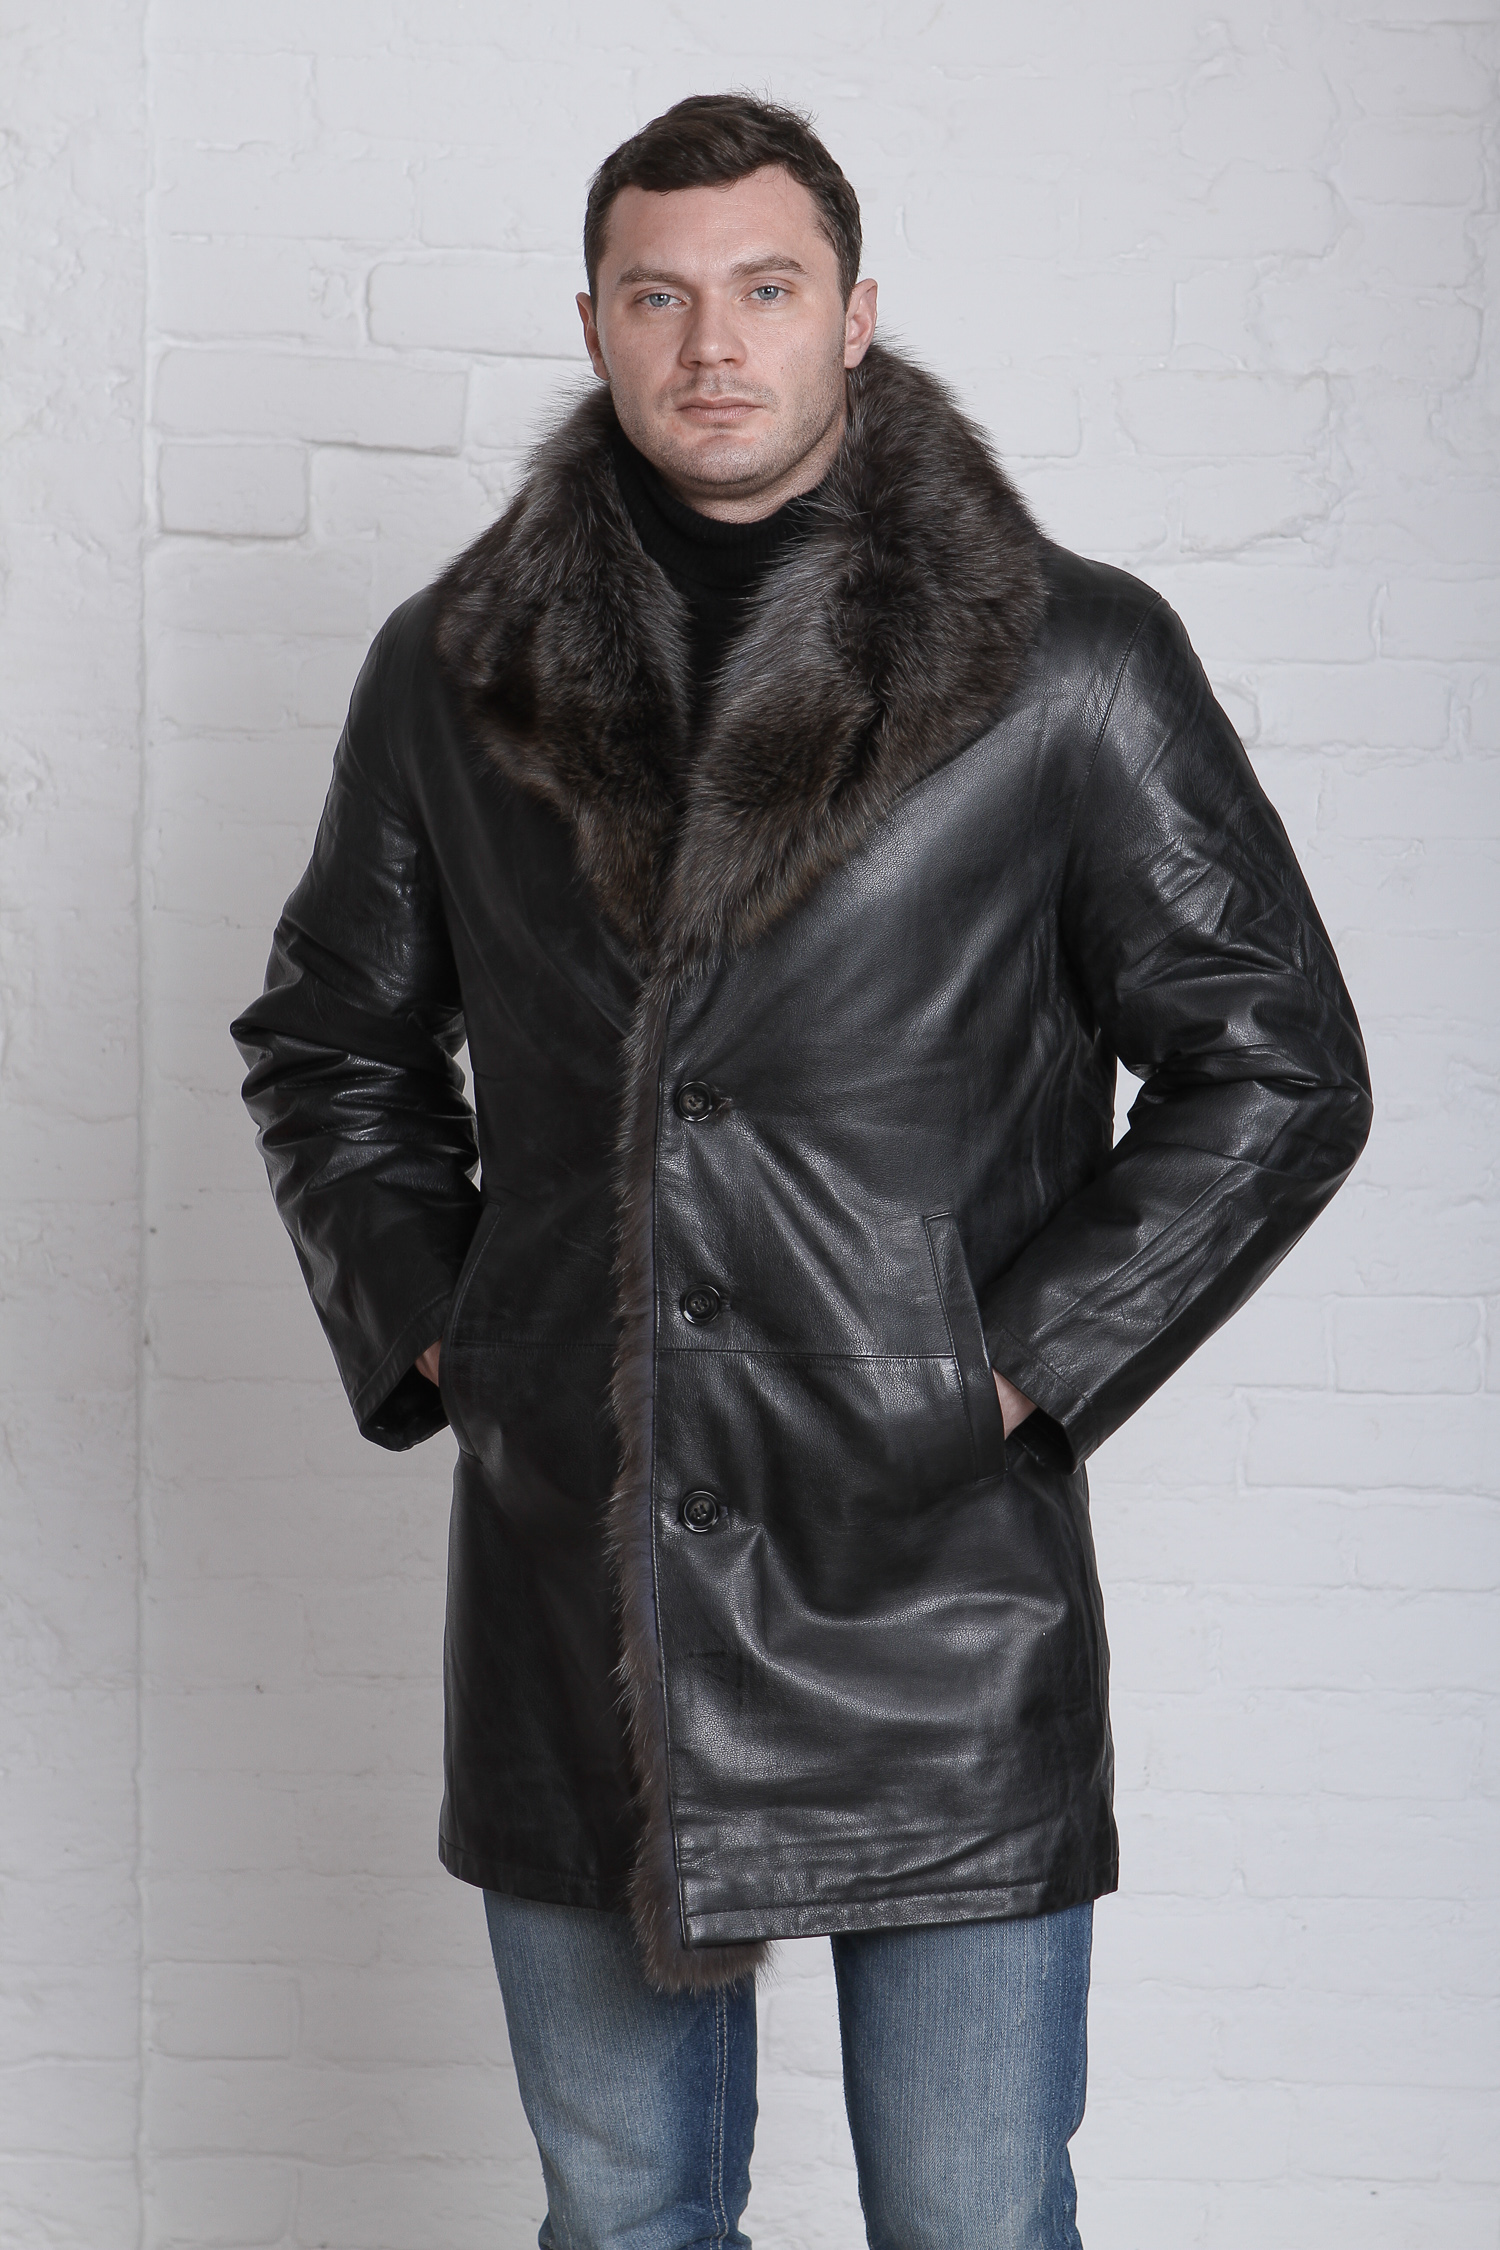 Мужская кожаная куртка из натуральной кожи с воротником, отделка чернобурка<br><br>Воротник: английский<br>Длина см: Длинная (свыше 90)<br>Материал: Кожа овчина<br>Цвет: черный<br>Вид застежки: центральная<br>Застежка: на пуговицы<br>Пол: Мужской<br>Размер RU: 68